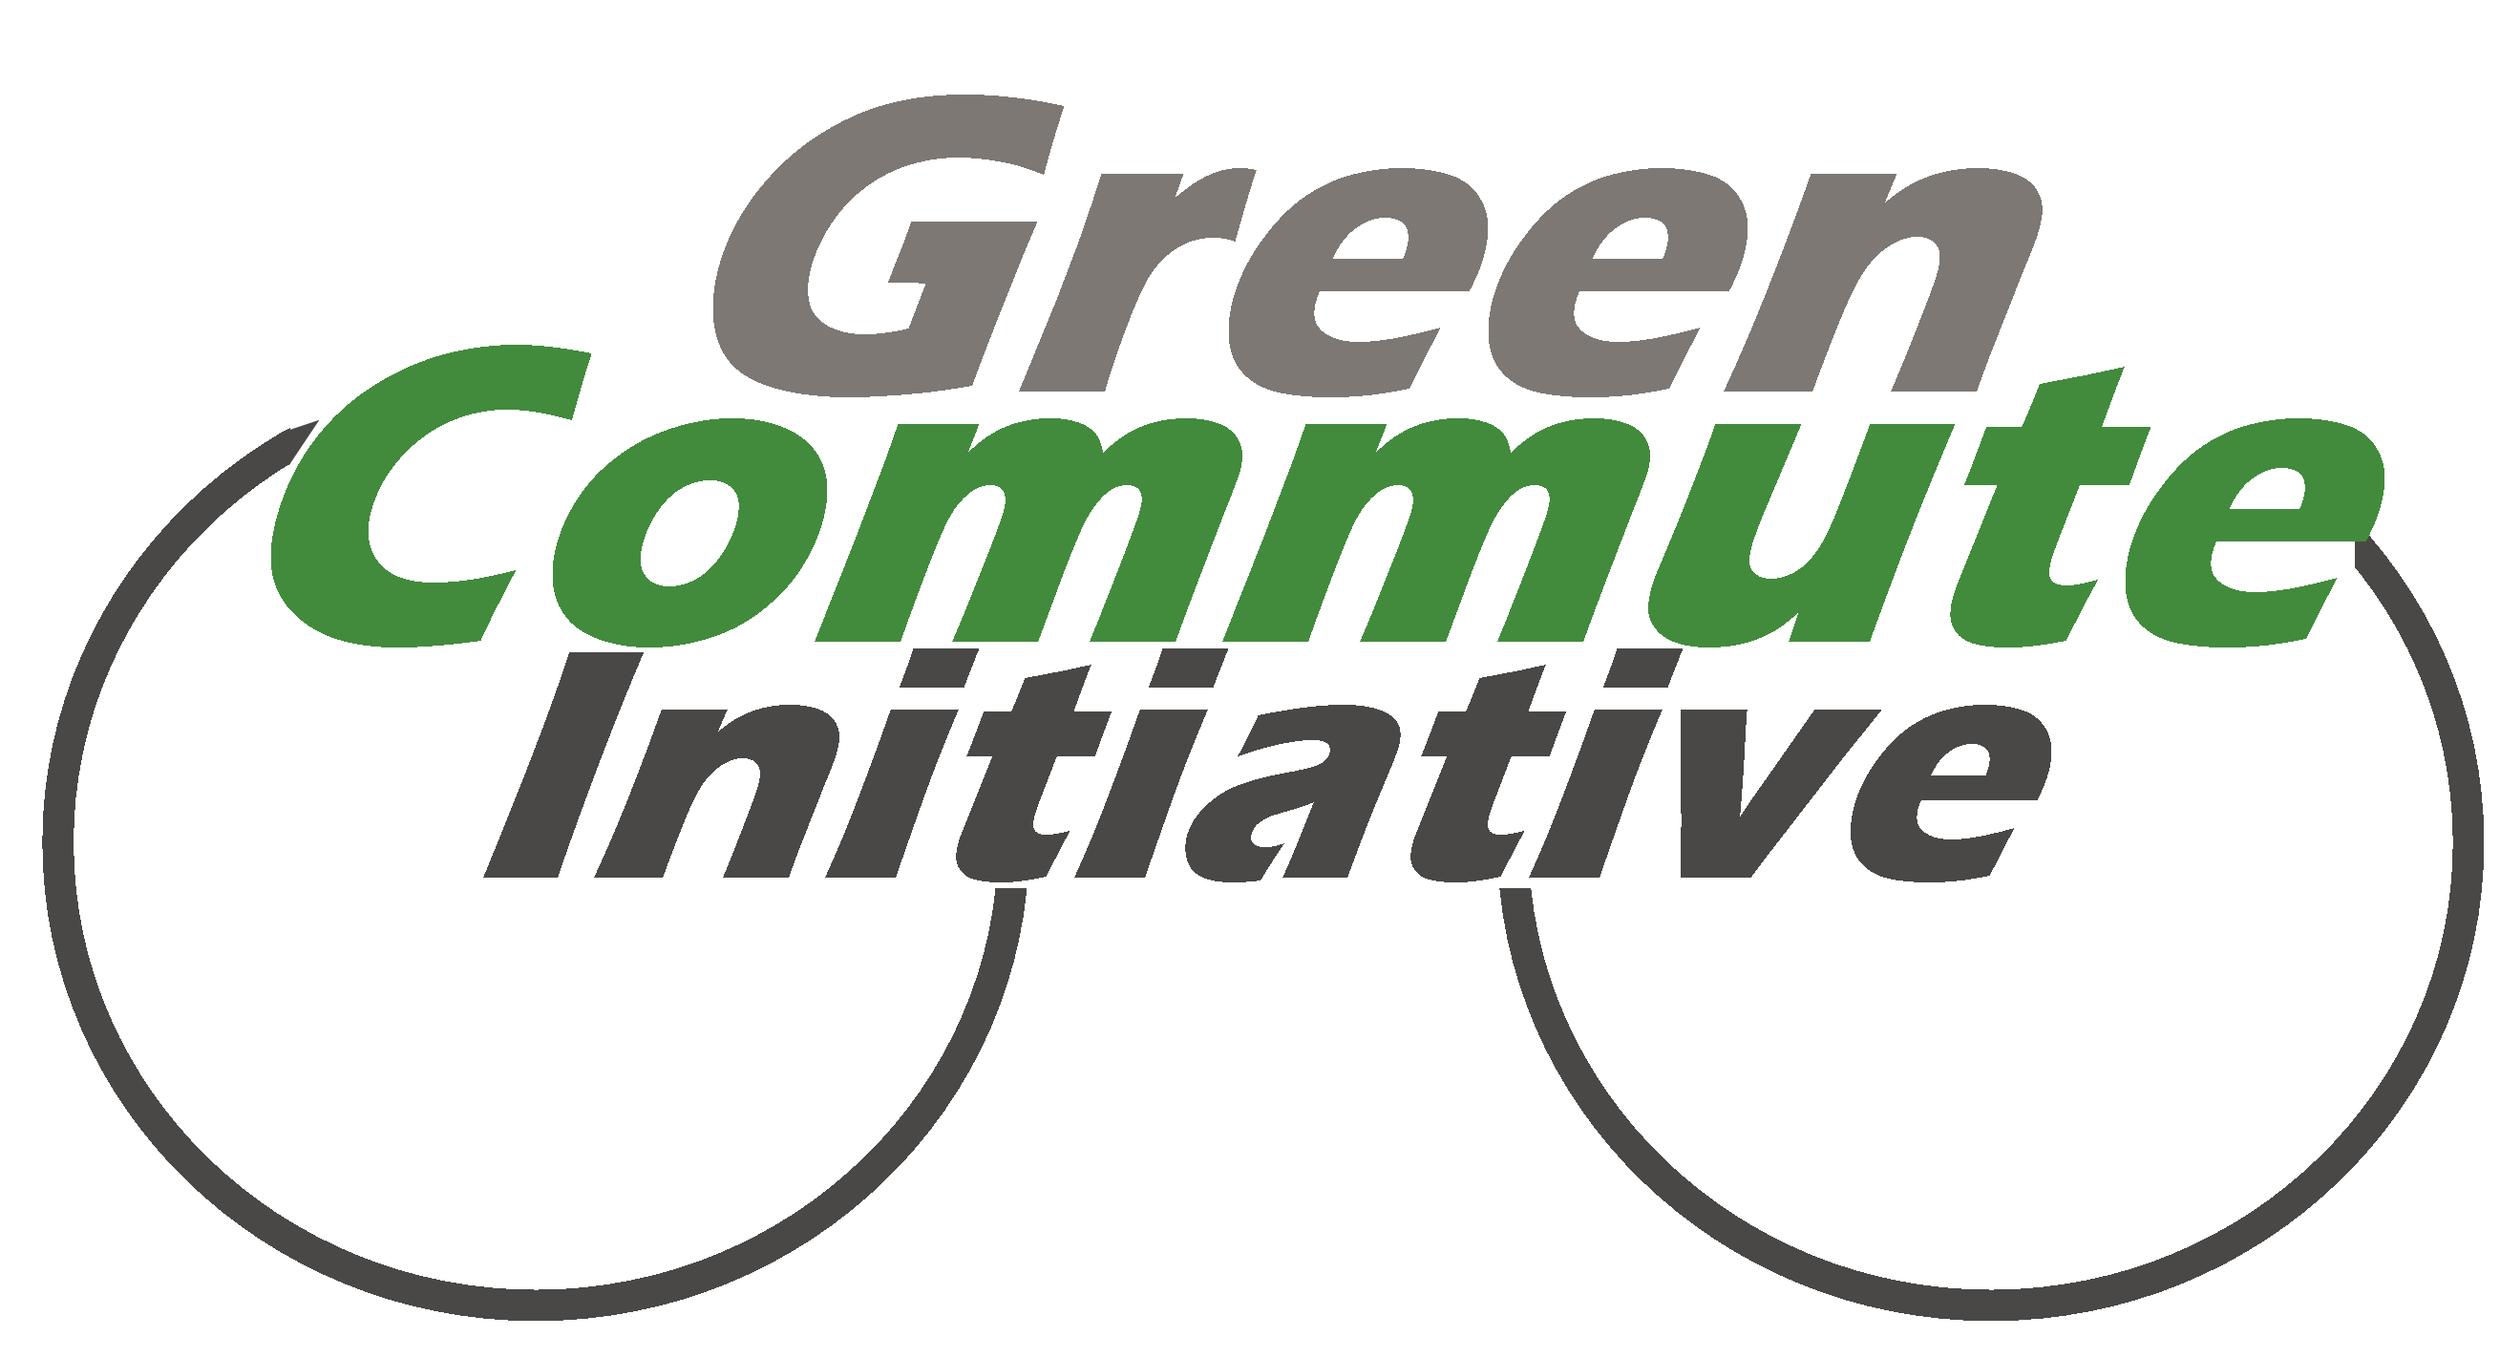 Green-Commute-Initiative.png